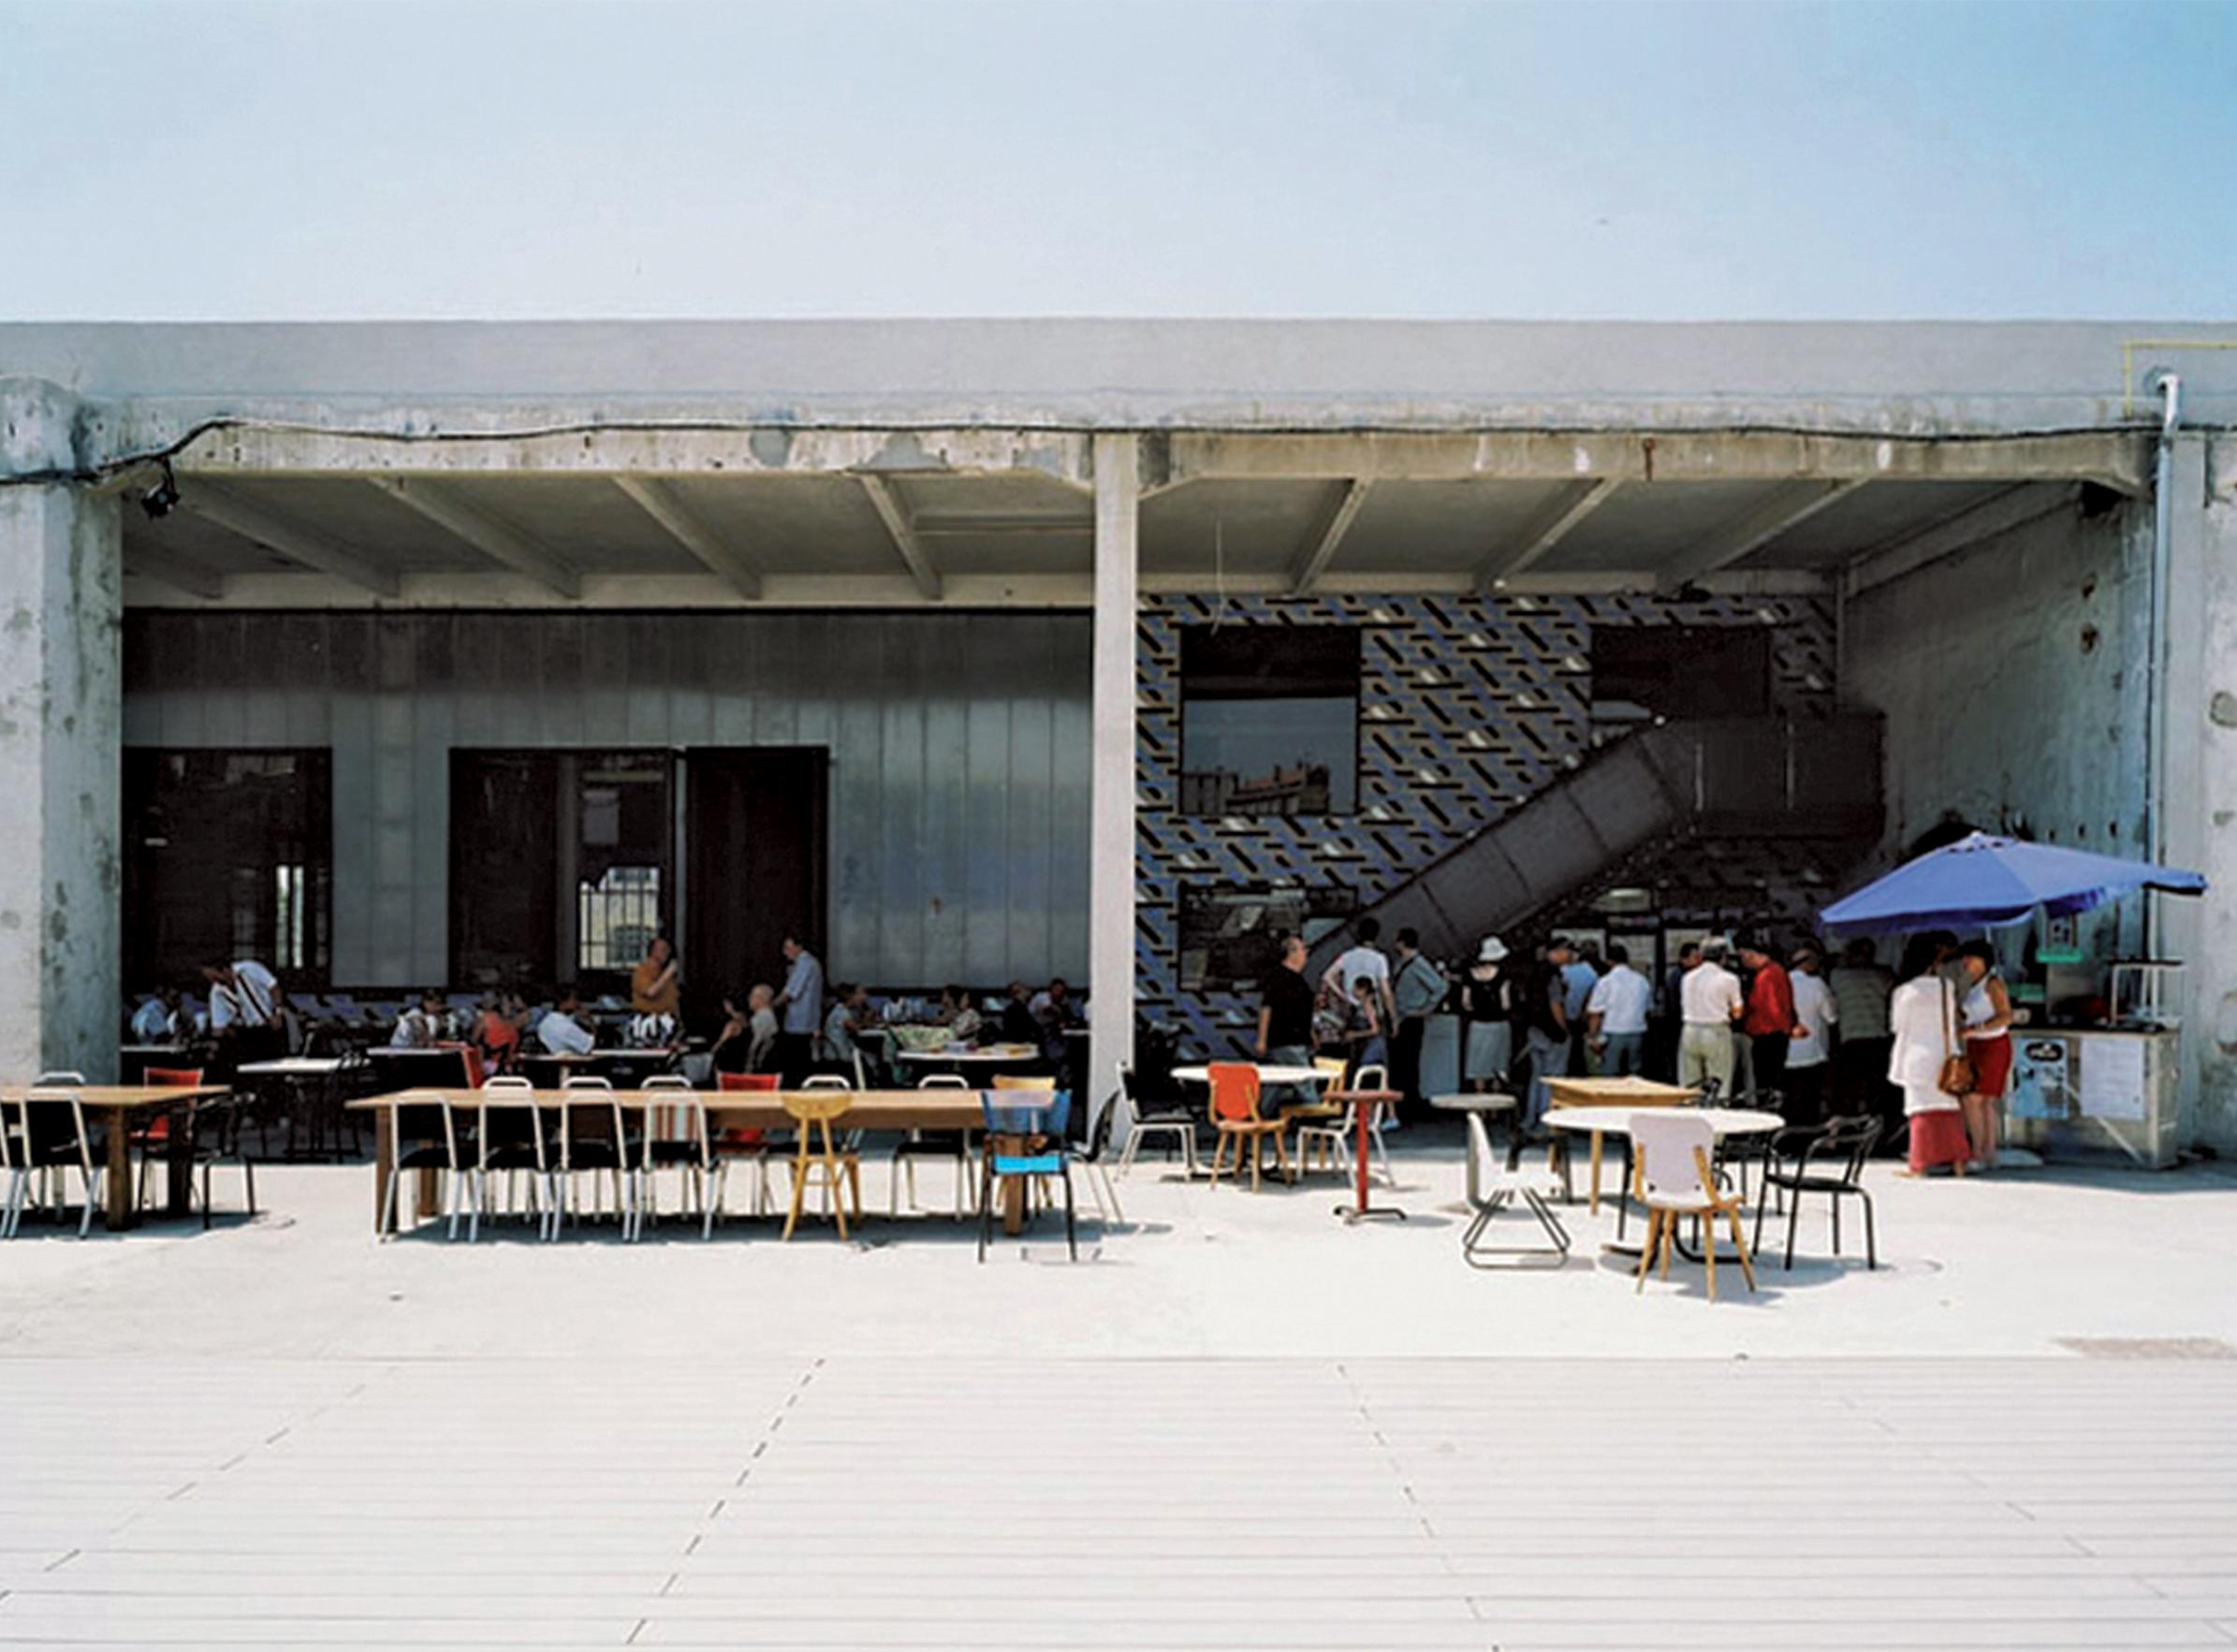 Grandes Tables - 01 - Équipements Bureau - Caractère Spécial - Matthieu Poitevin Architecture